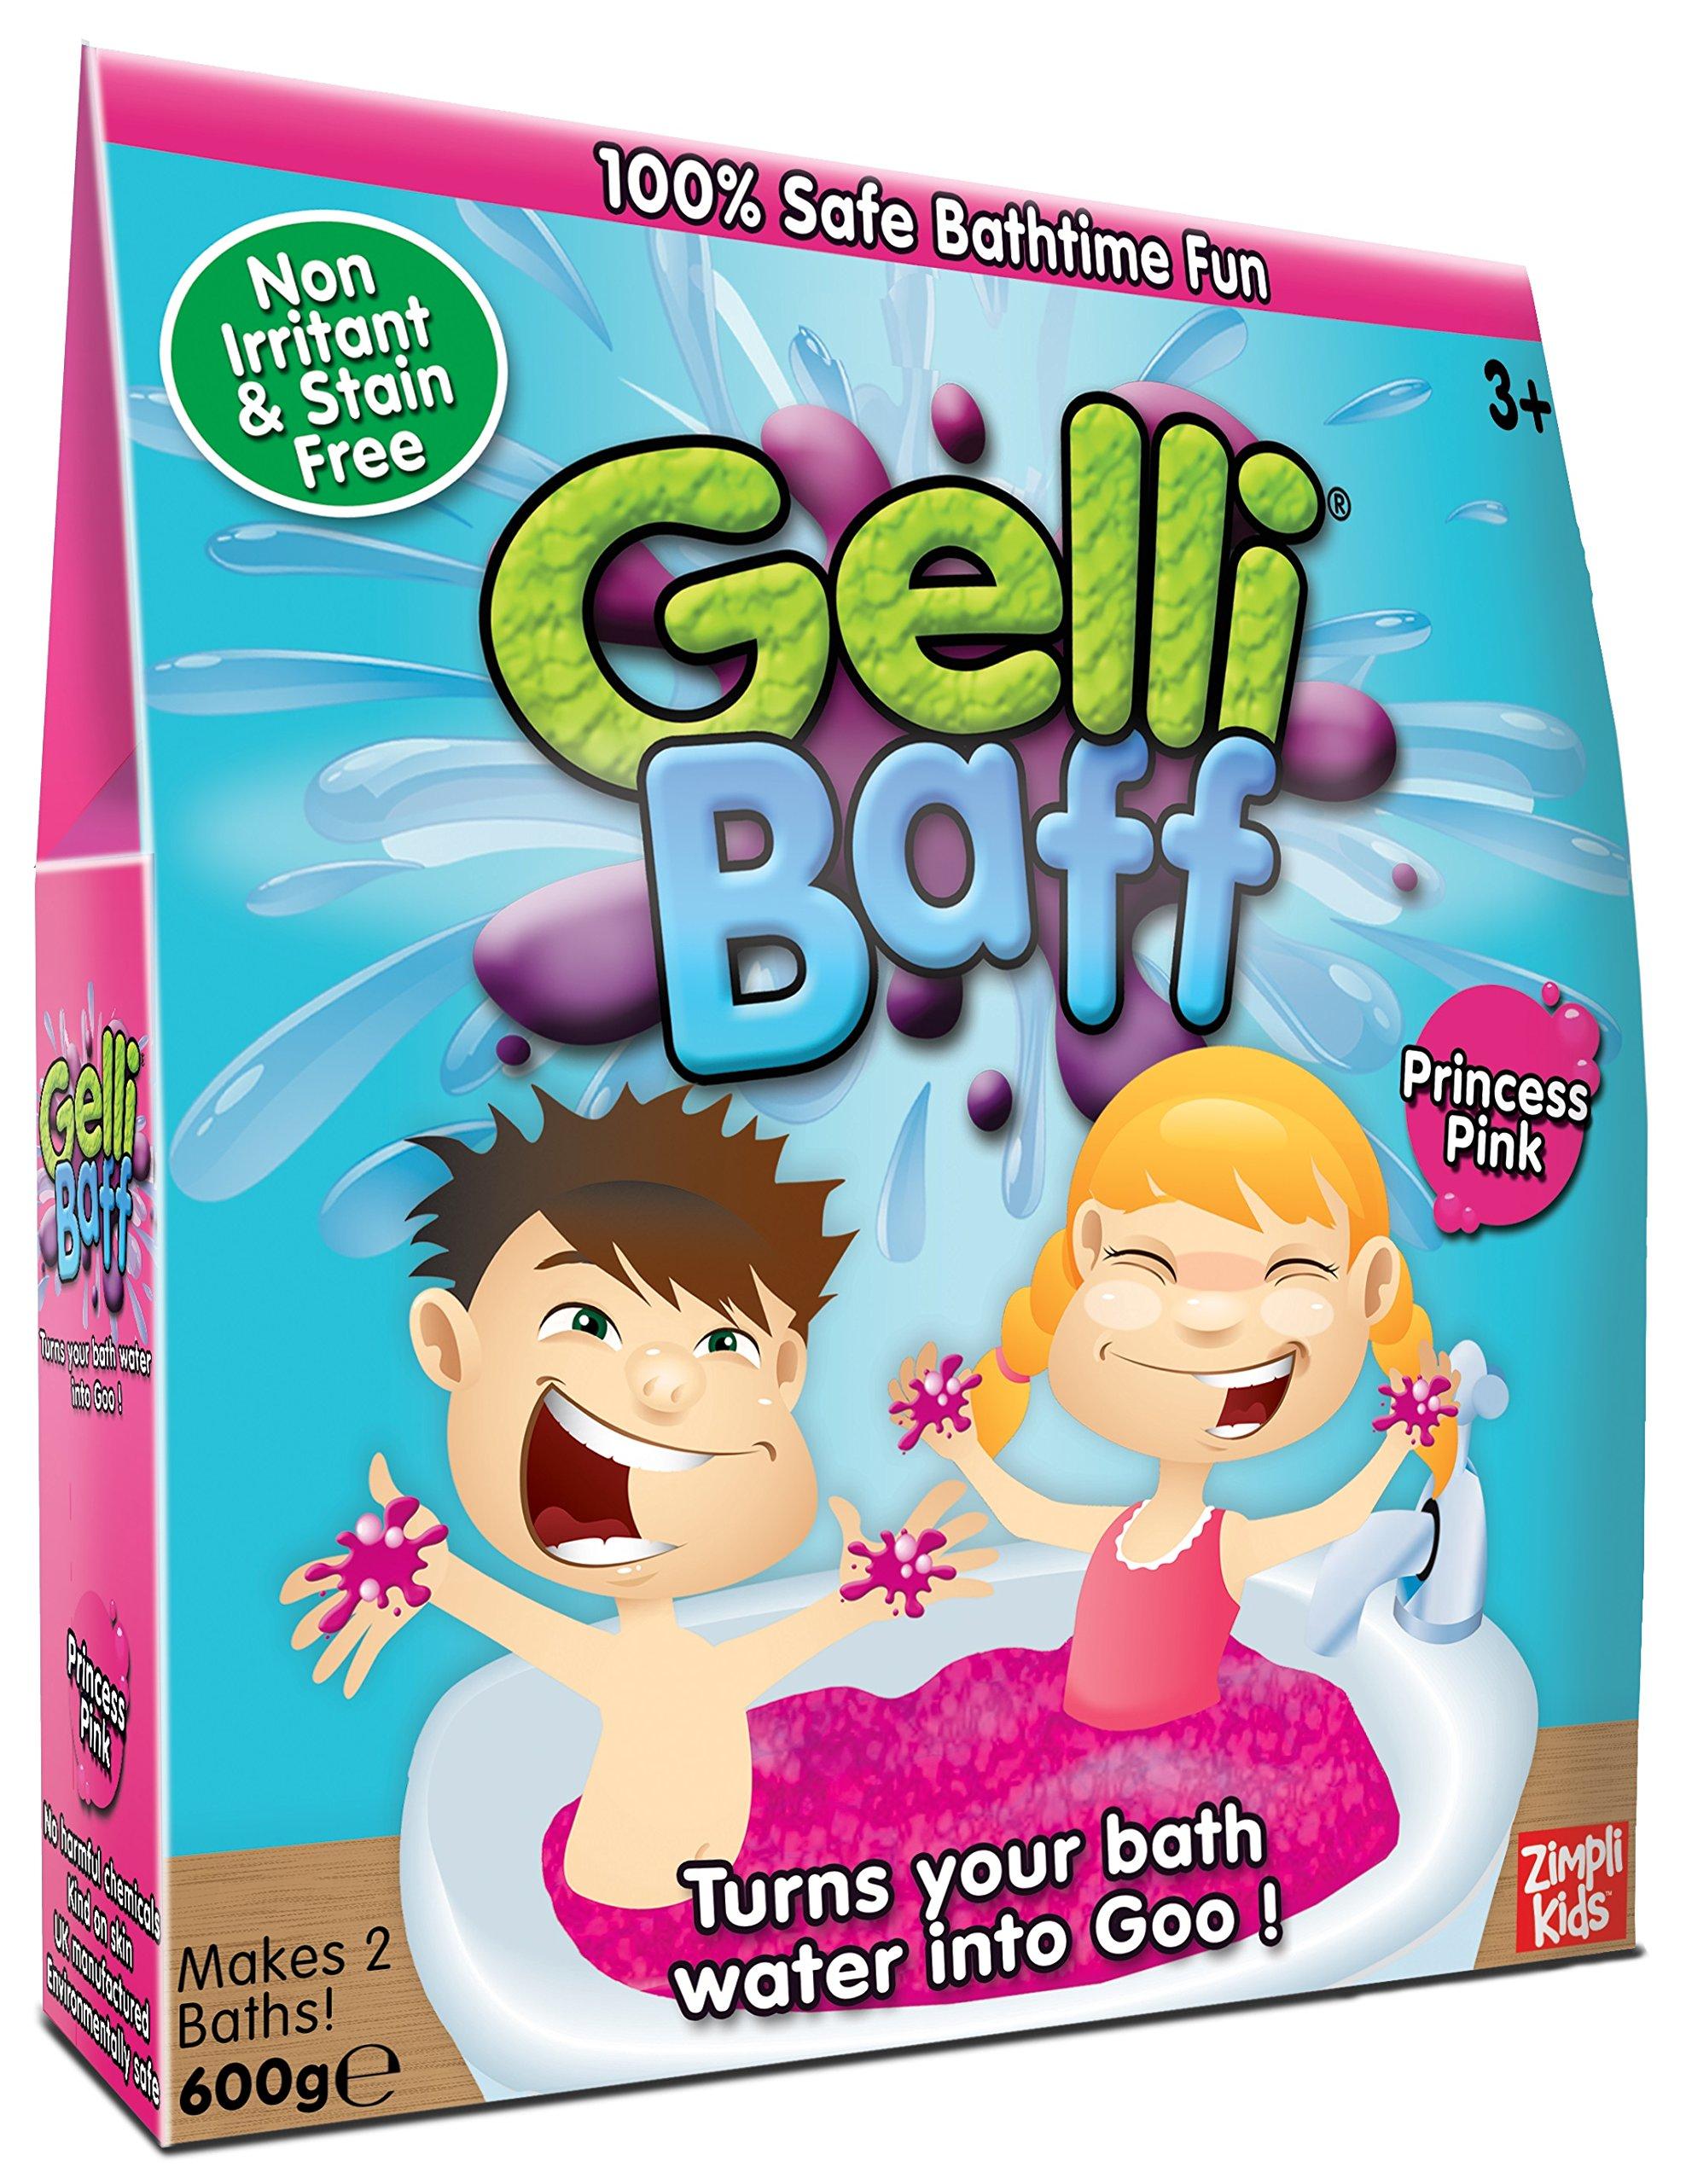 Zimpli Kids Pink Gel Bath Gelli Baff 2-Use 600G Box